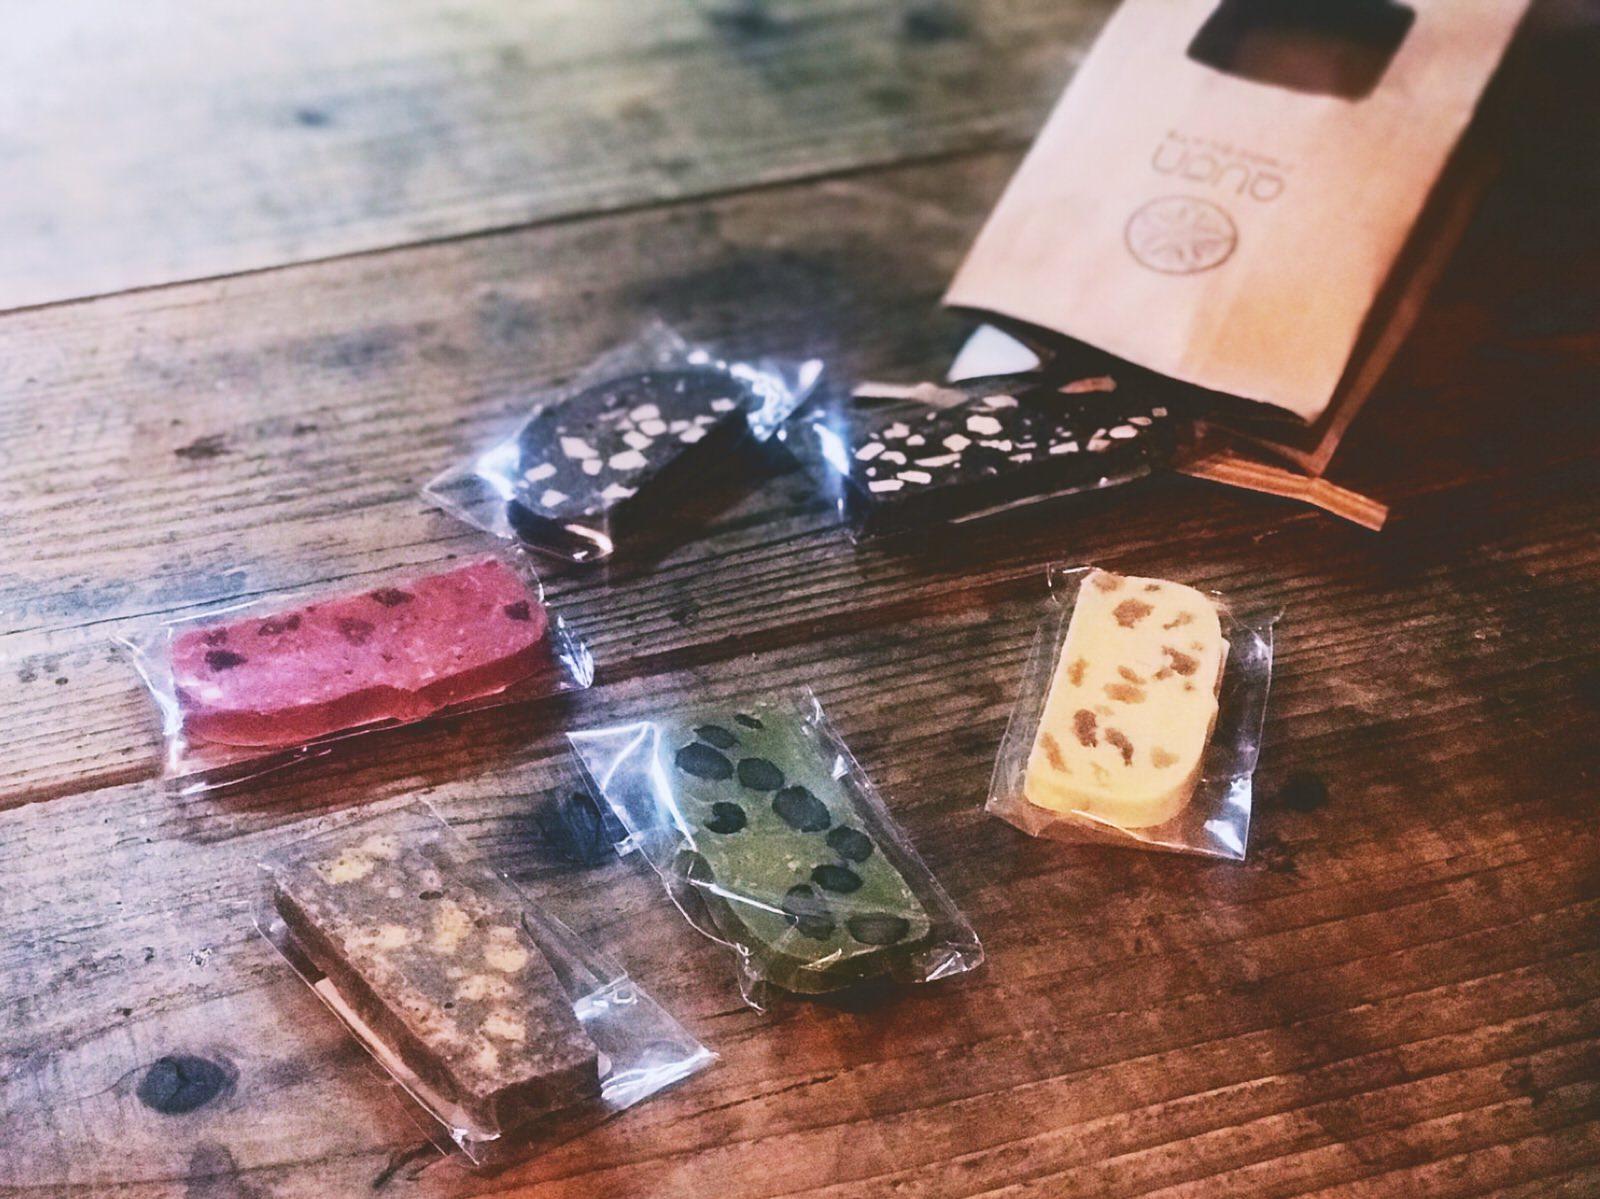 チョコレート伝来の地 長崎が贈るチョコレートギフト |専門店から長崎土産まで